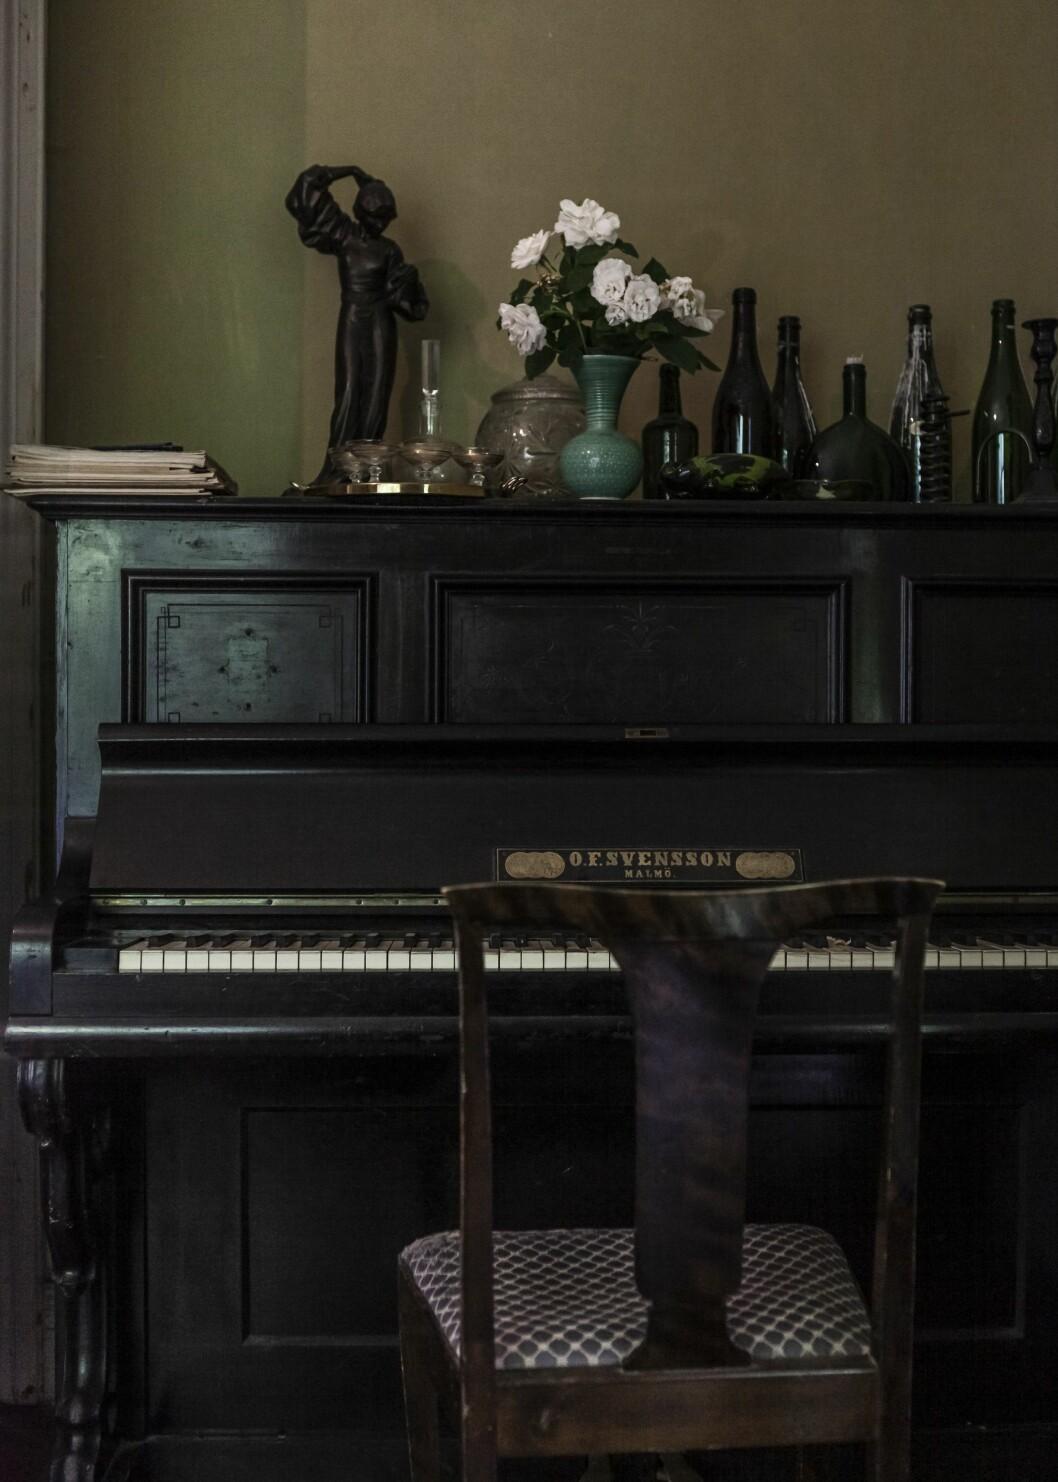 Piano inhandlat på loppis.